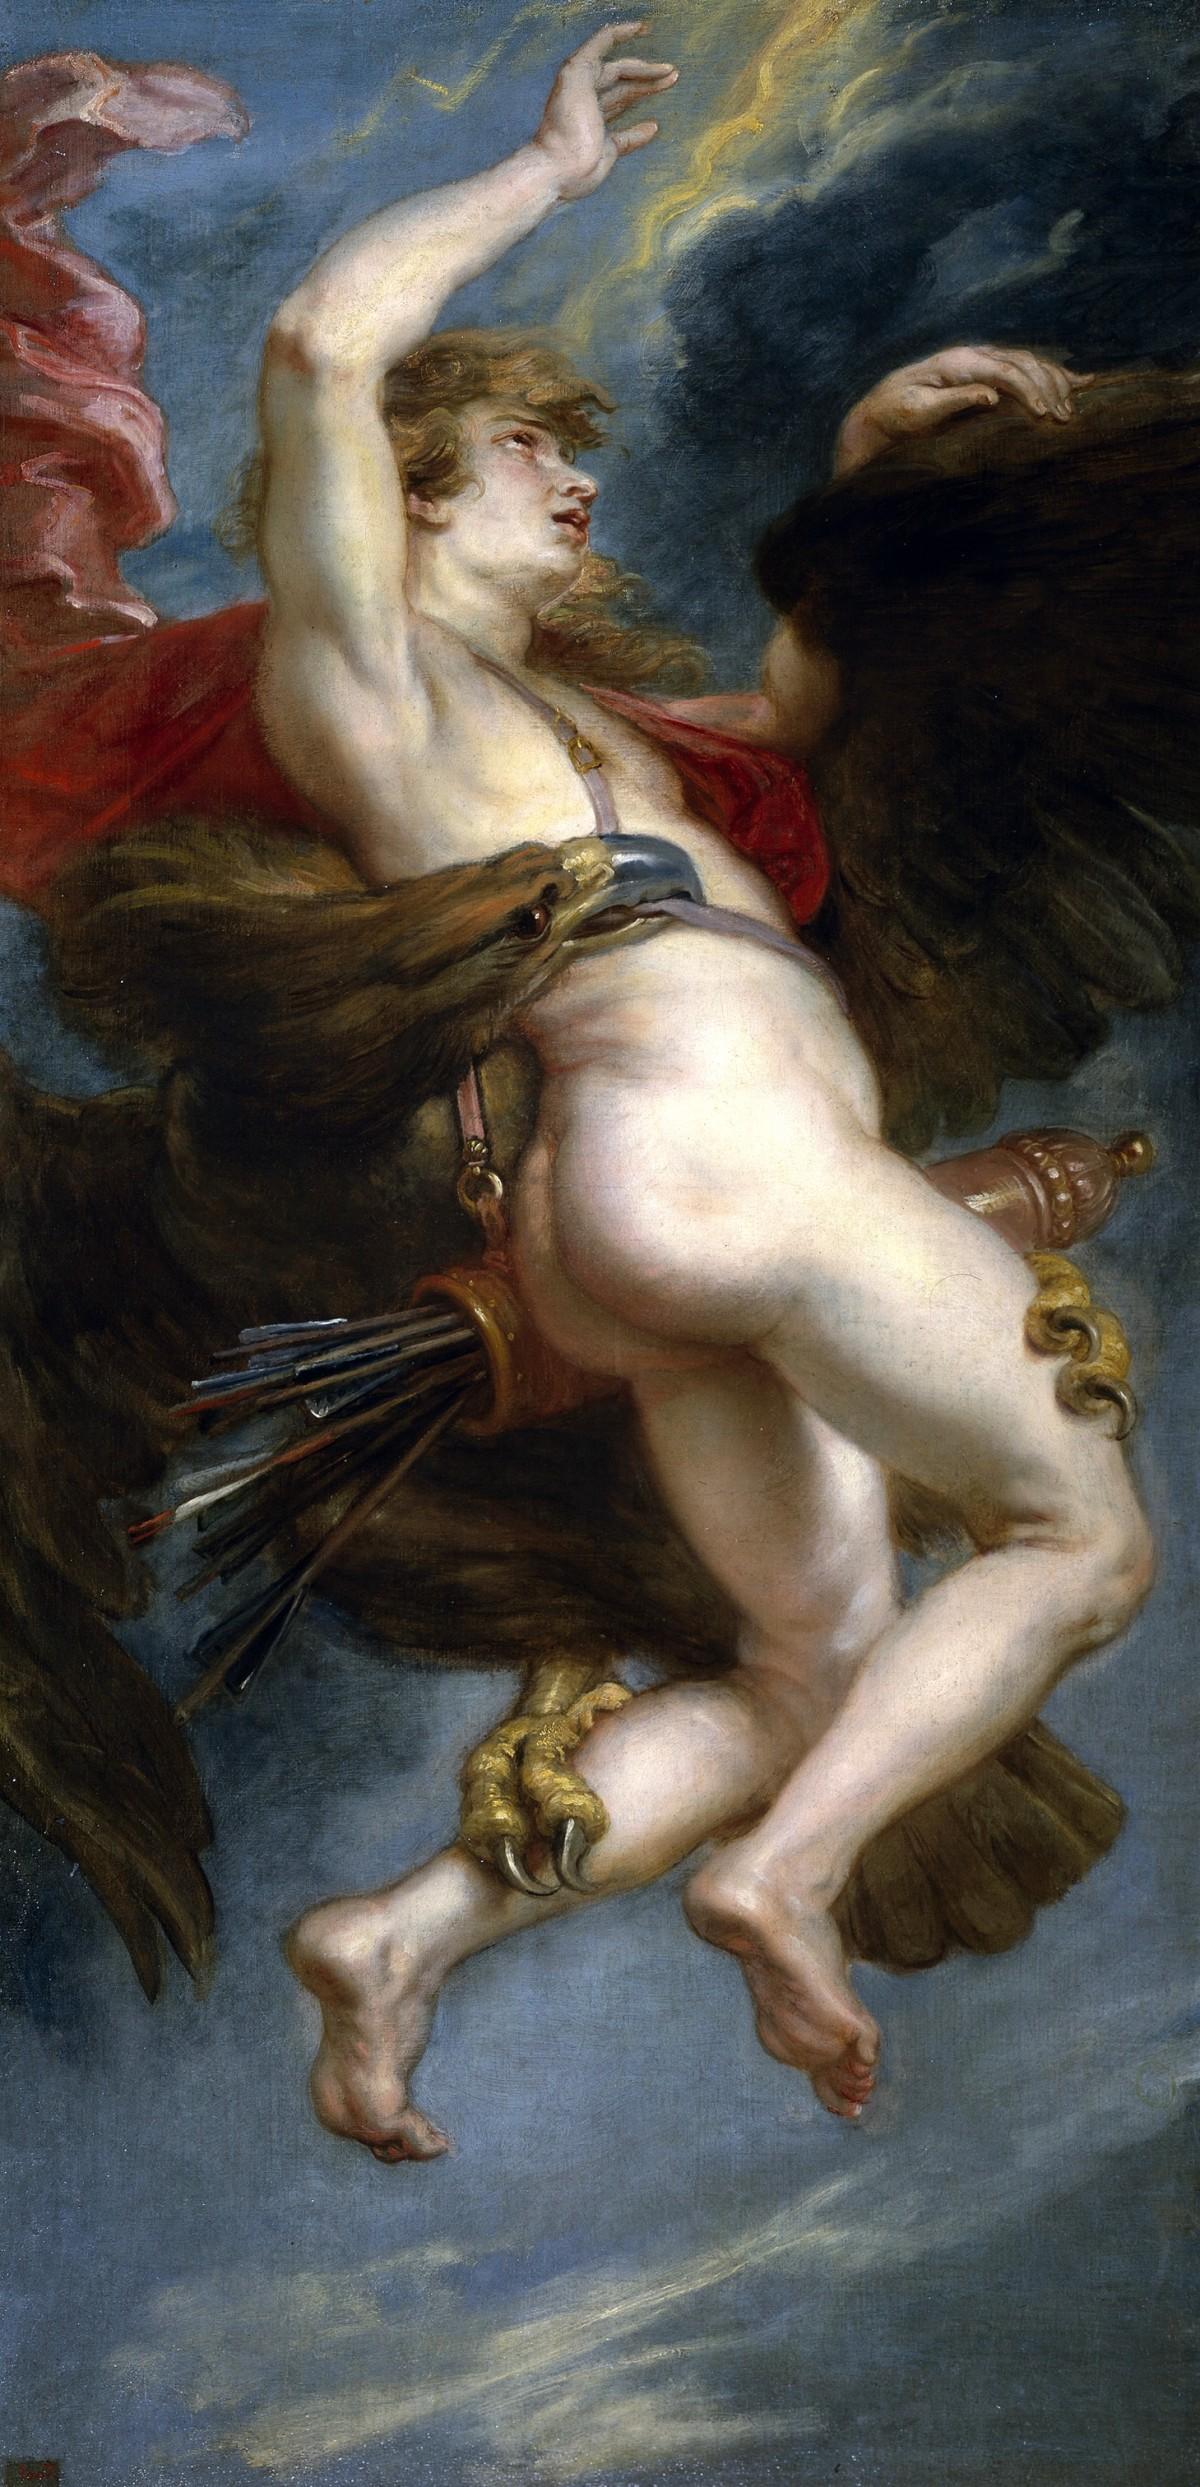 鷲に襲われるガニュメデス(ピーテル・パウル・ルーベンス,1611)